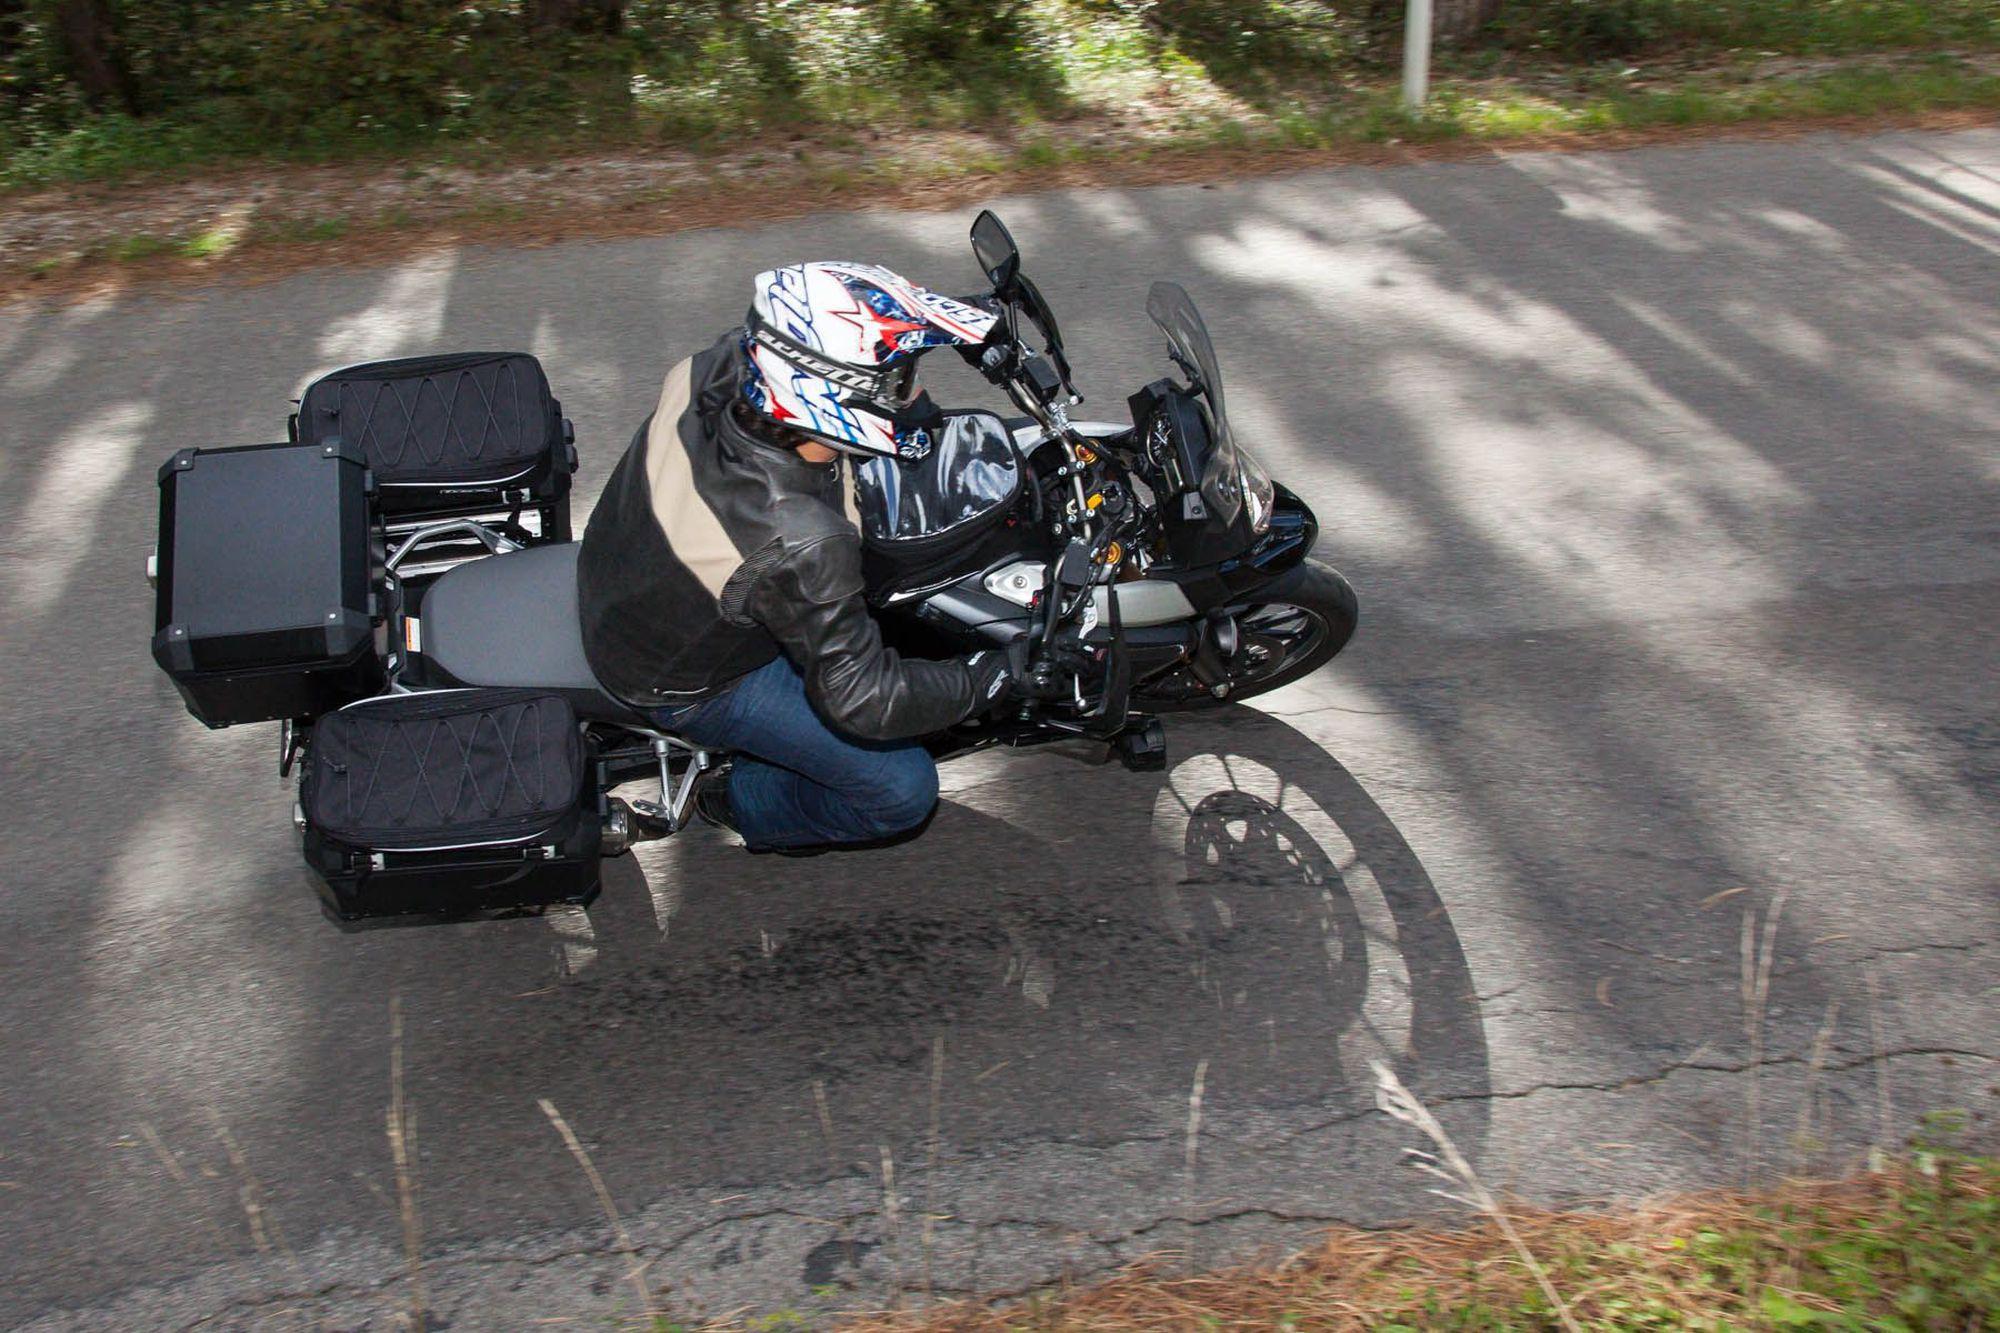 4sr coole bekleidung f r stra e und racing motorrad. Black Bedroom Furniture Sets. Home Design Ideas